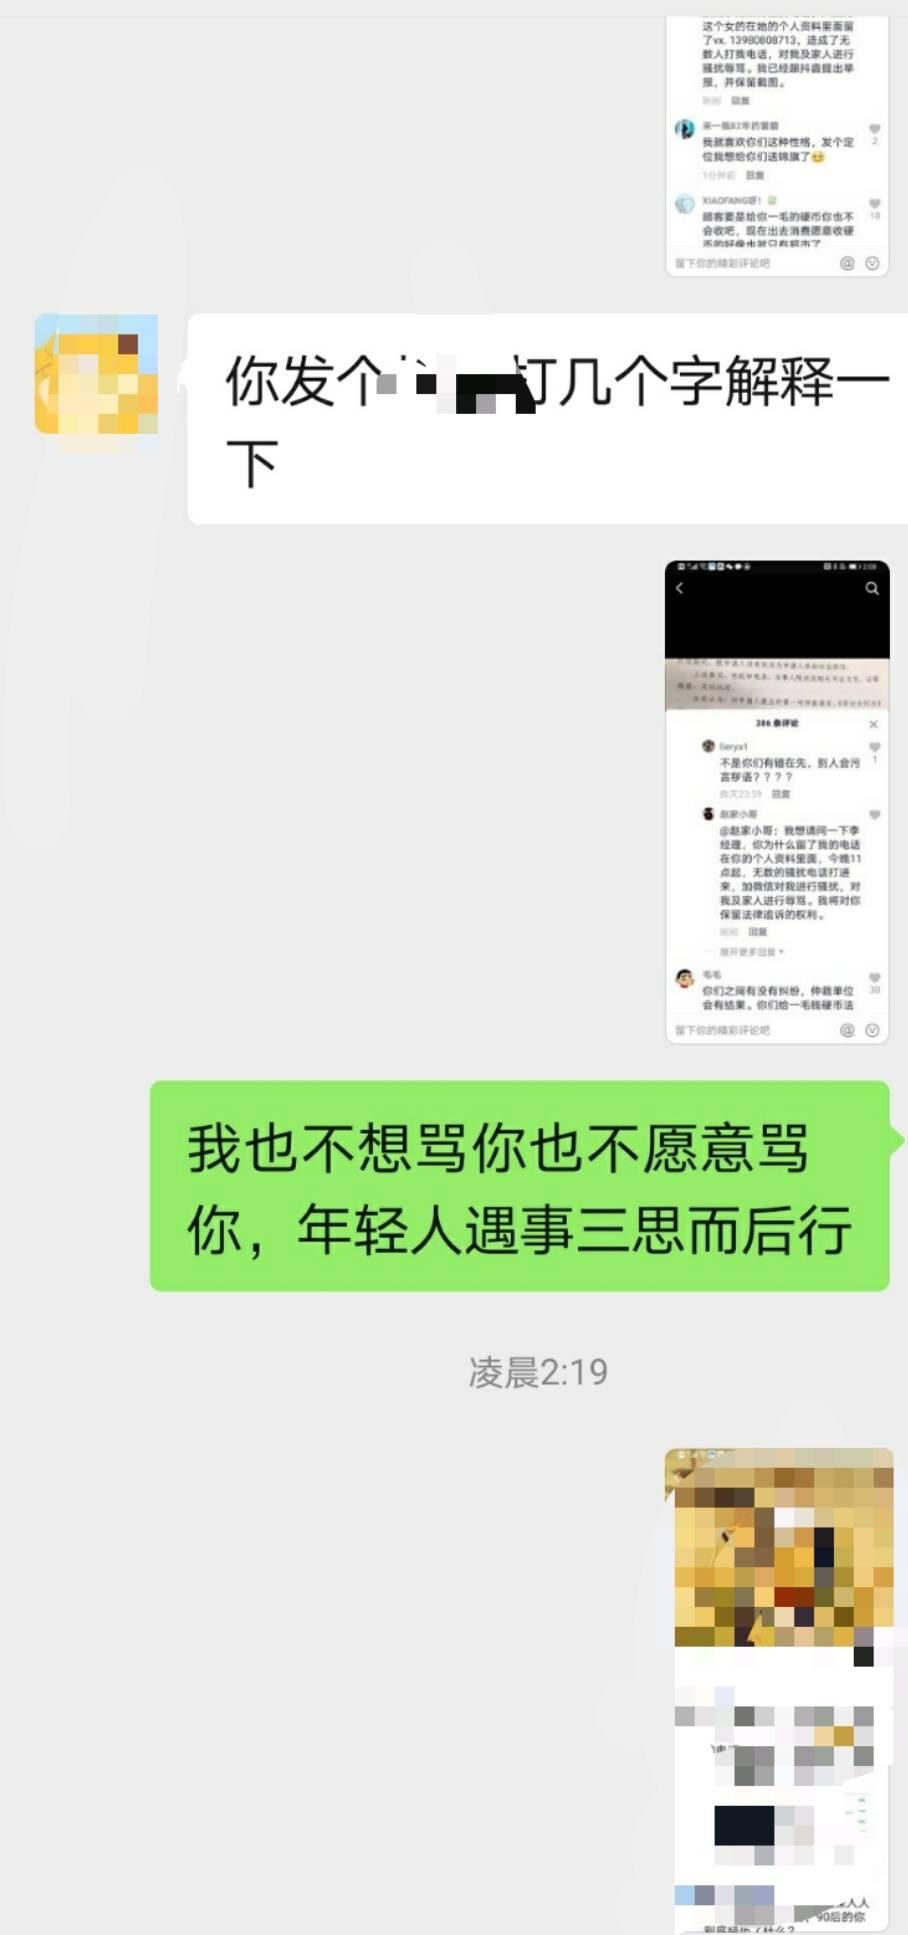 彭涛试图劝说谩骂的网友